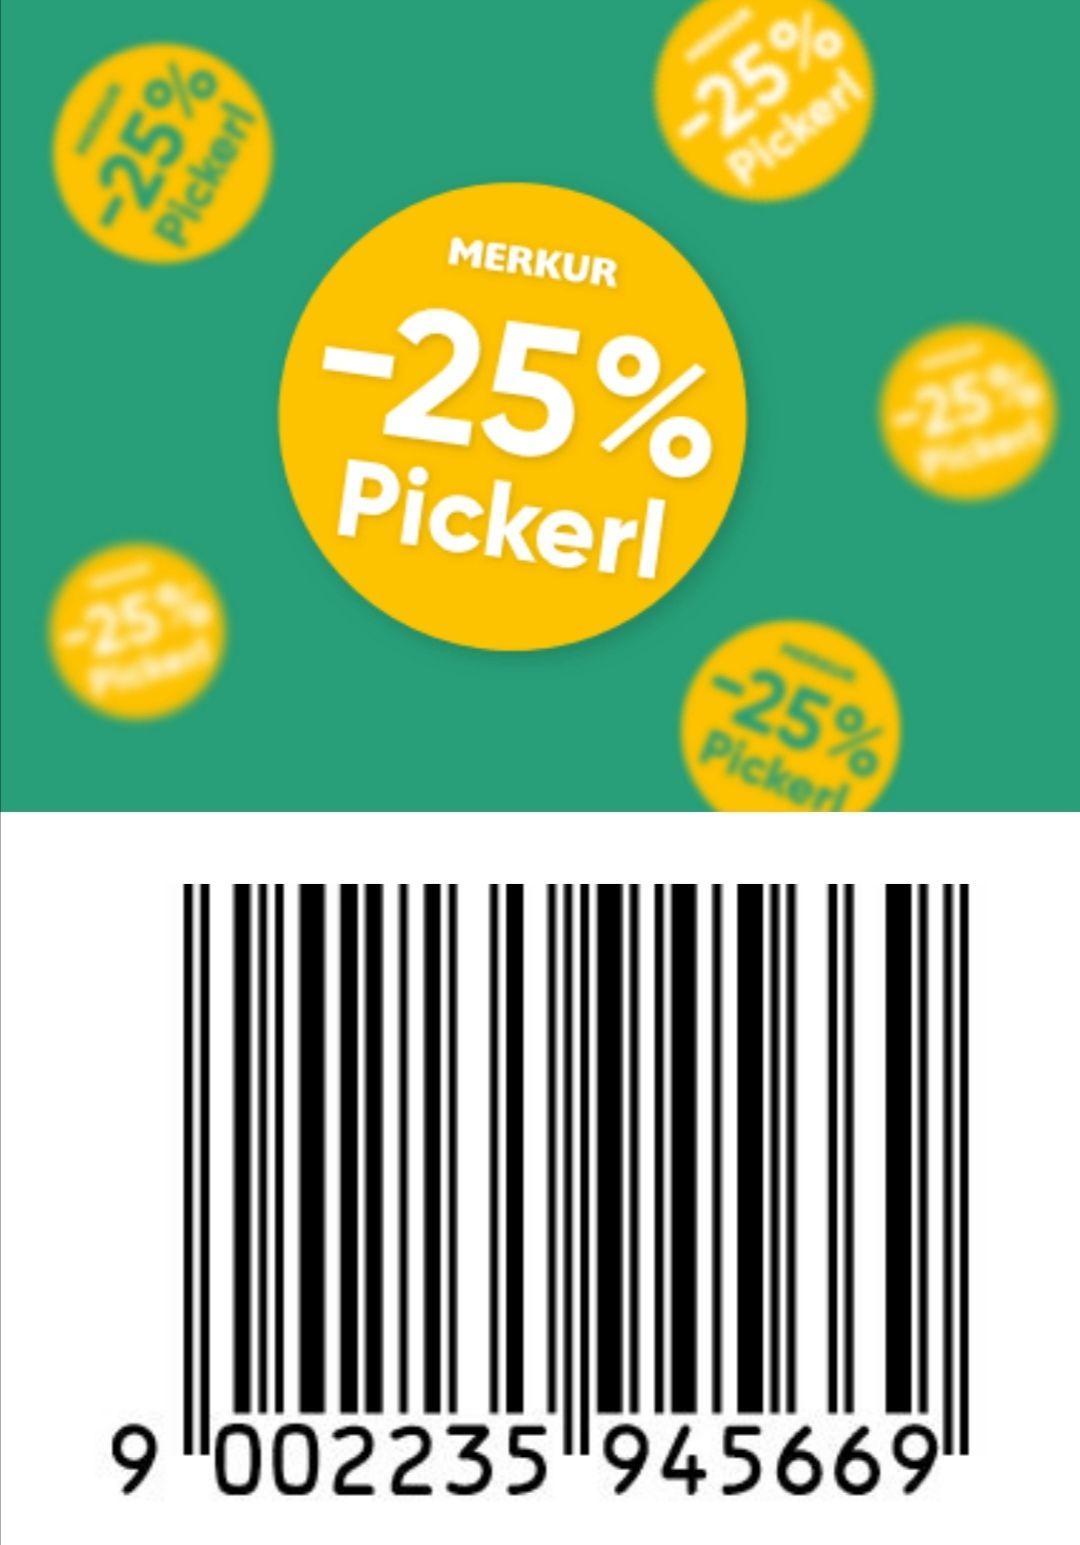 Merkur - 25% mit Pickerl